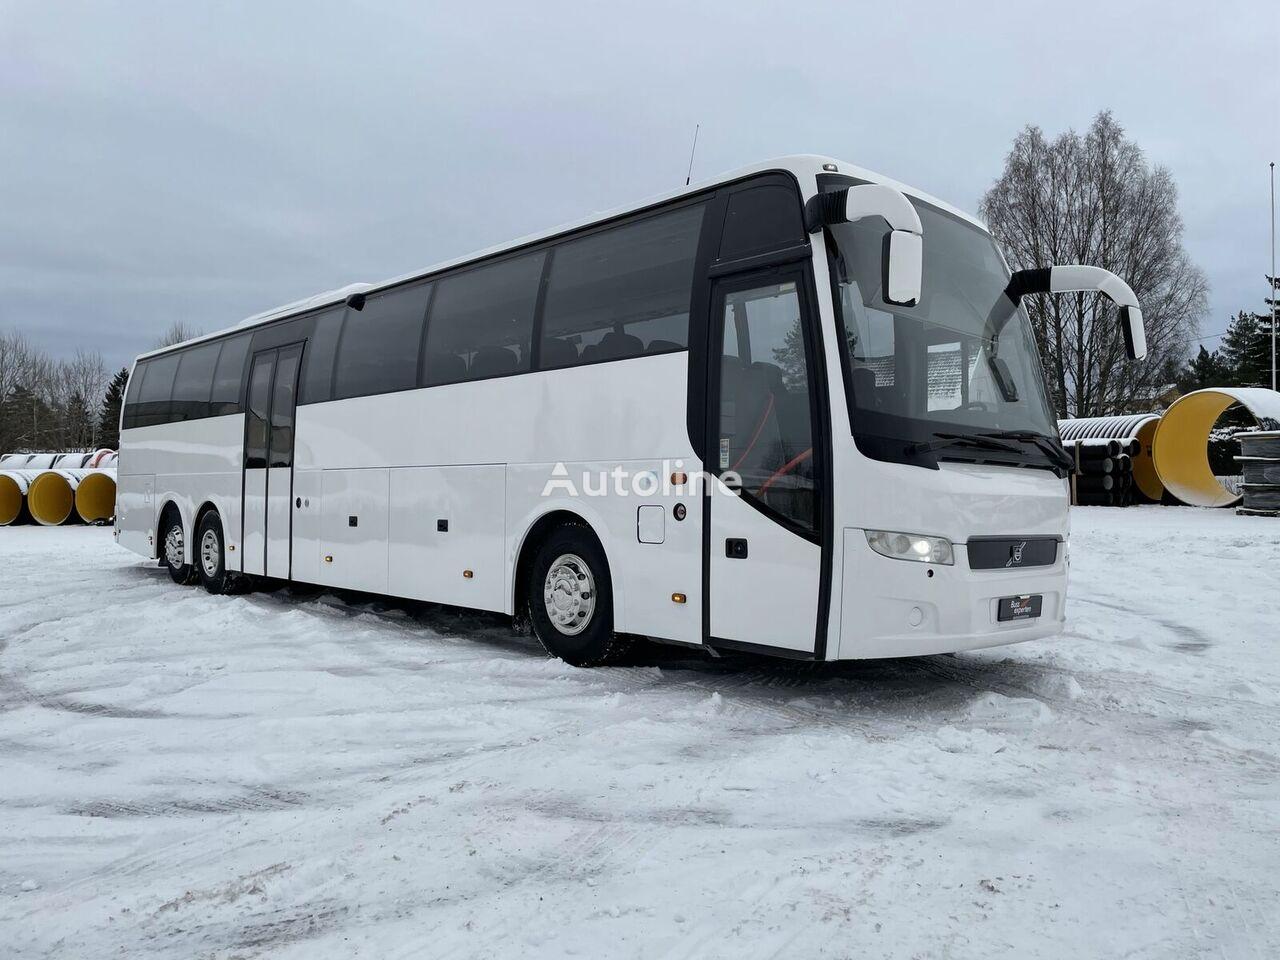 VOLVO B11R 9700H coach bus